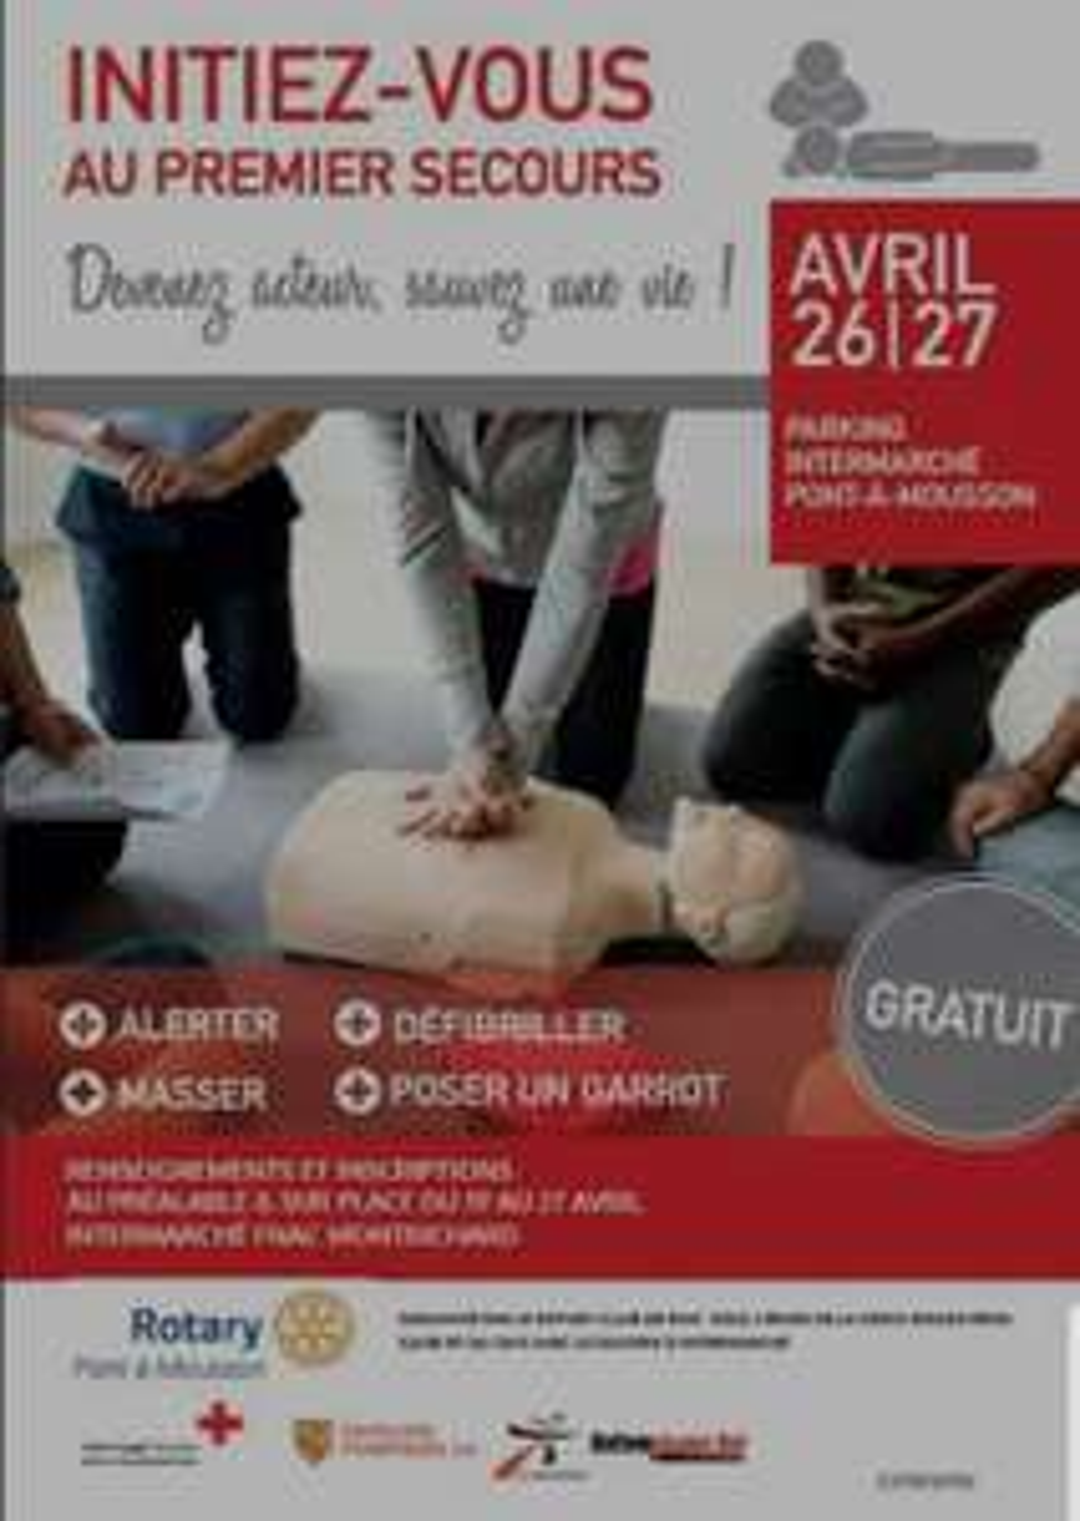 Initiation gratuite aux gestes qui sauvent avec les sapeurs-pompiers et la Croix-Rouge - Pont-à-Mousson (54)